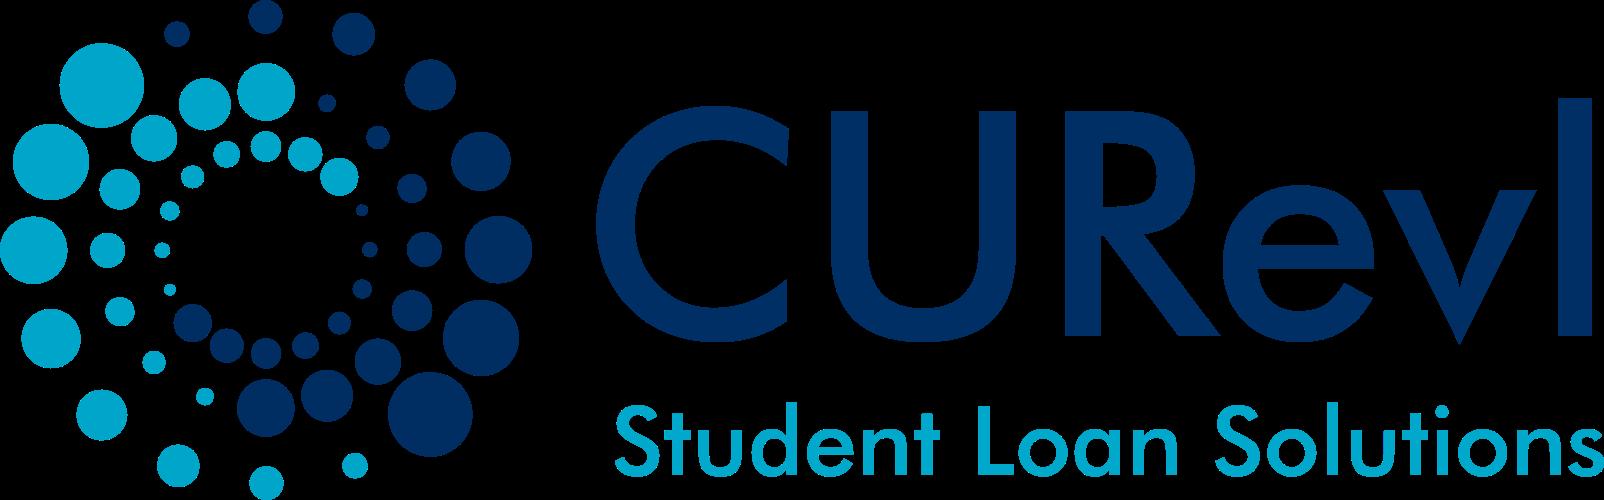 Przen Curevl Announces Alliance With Reunion Student